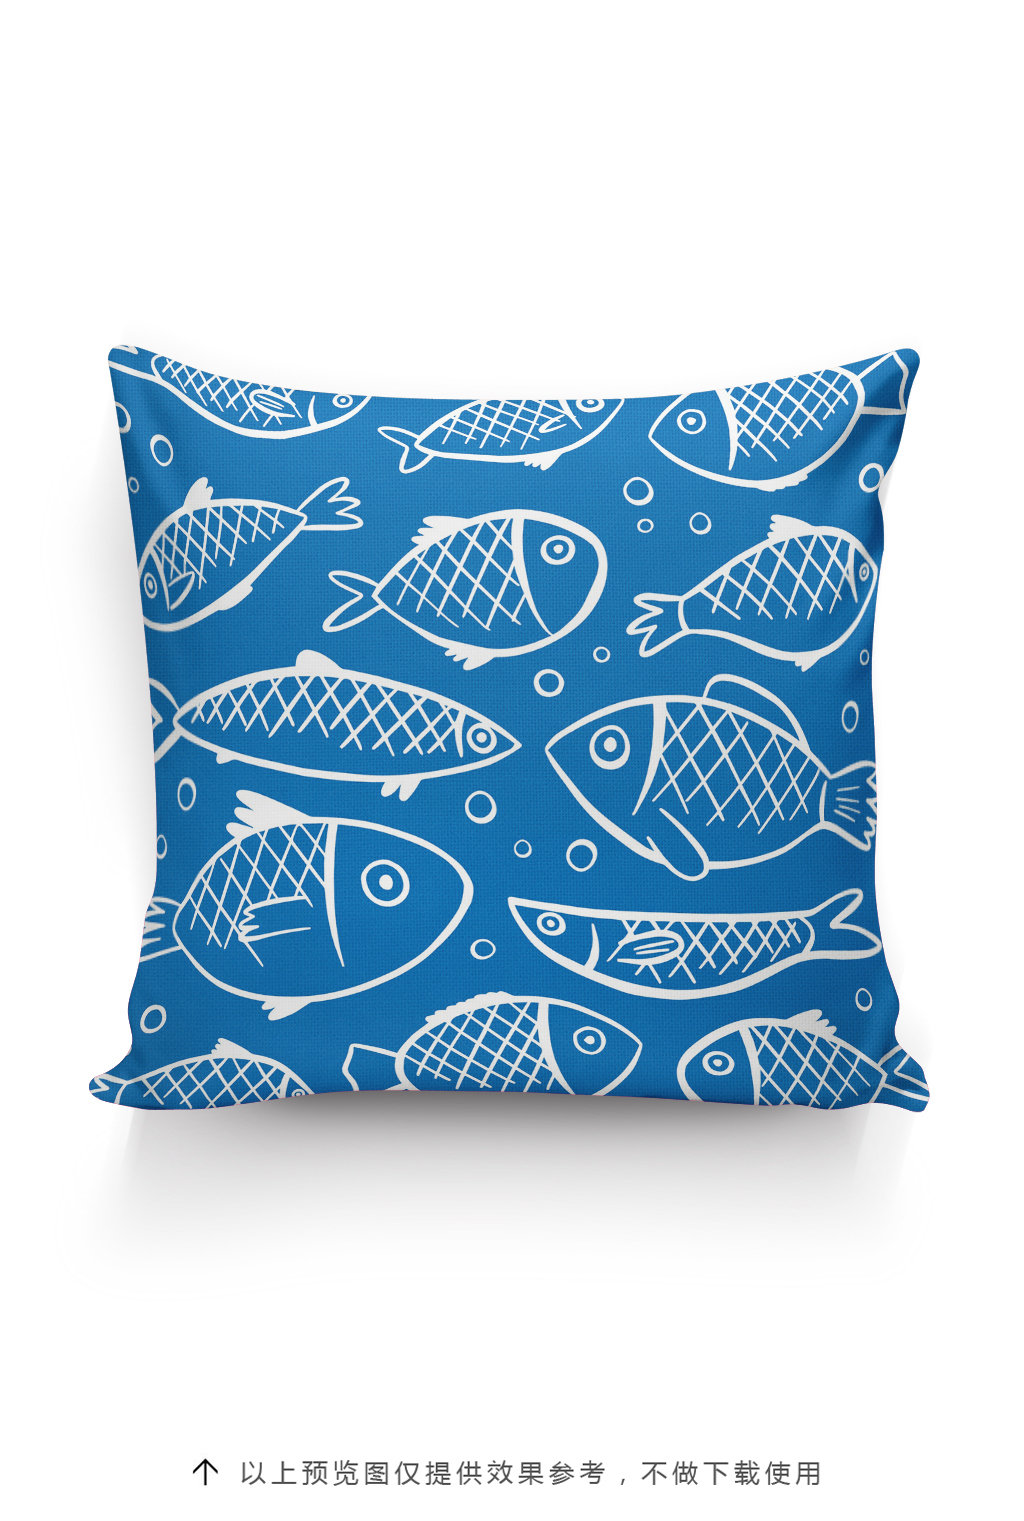 手绘卡通鱼抱枕图案设计海洋元素图片素材_高清其他()